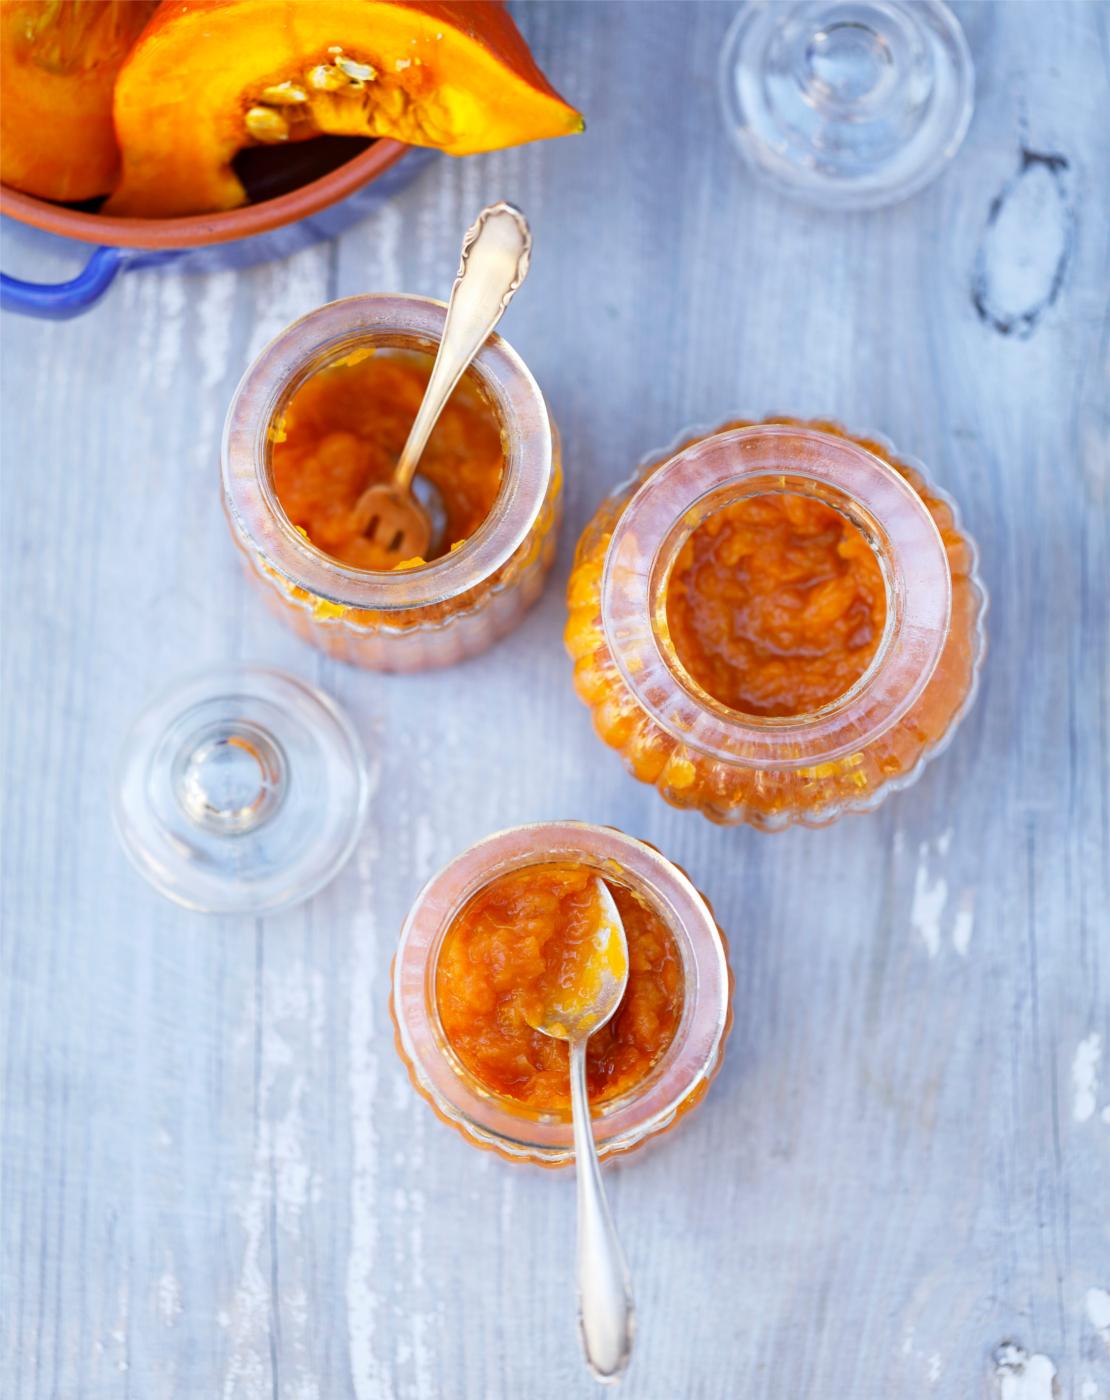 selbstgemachte-marmelade-mit-kuerbis